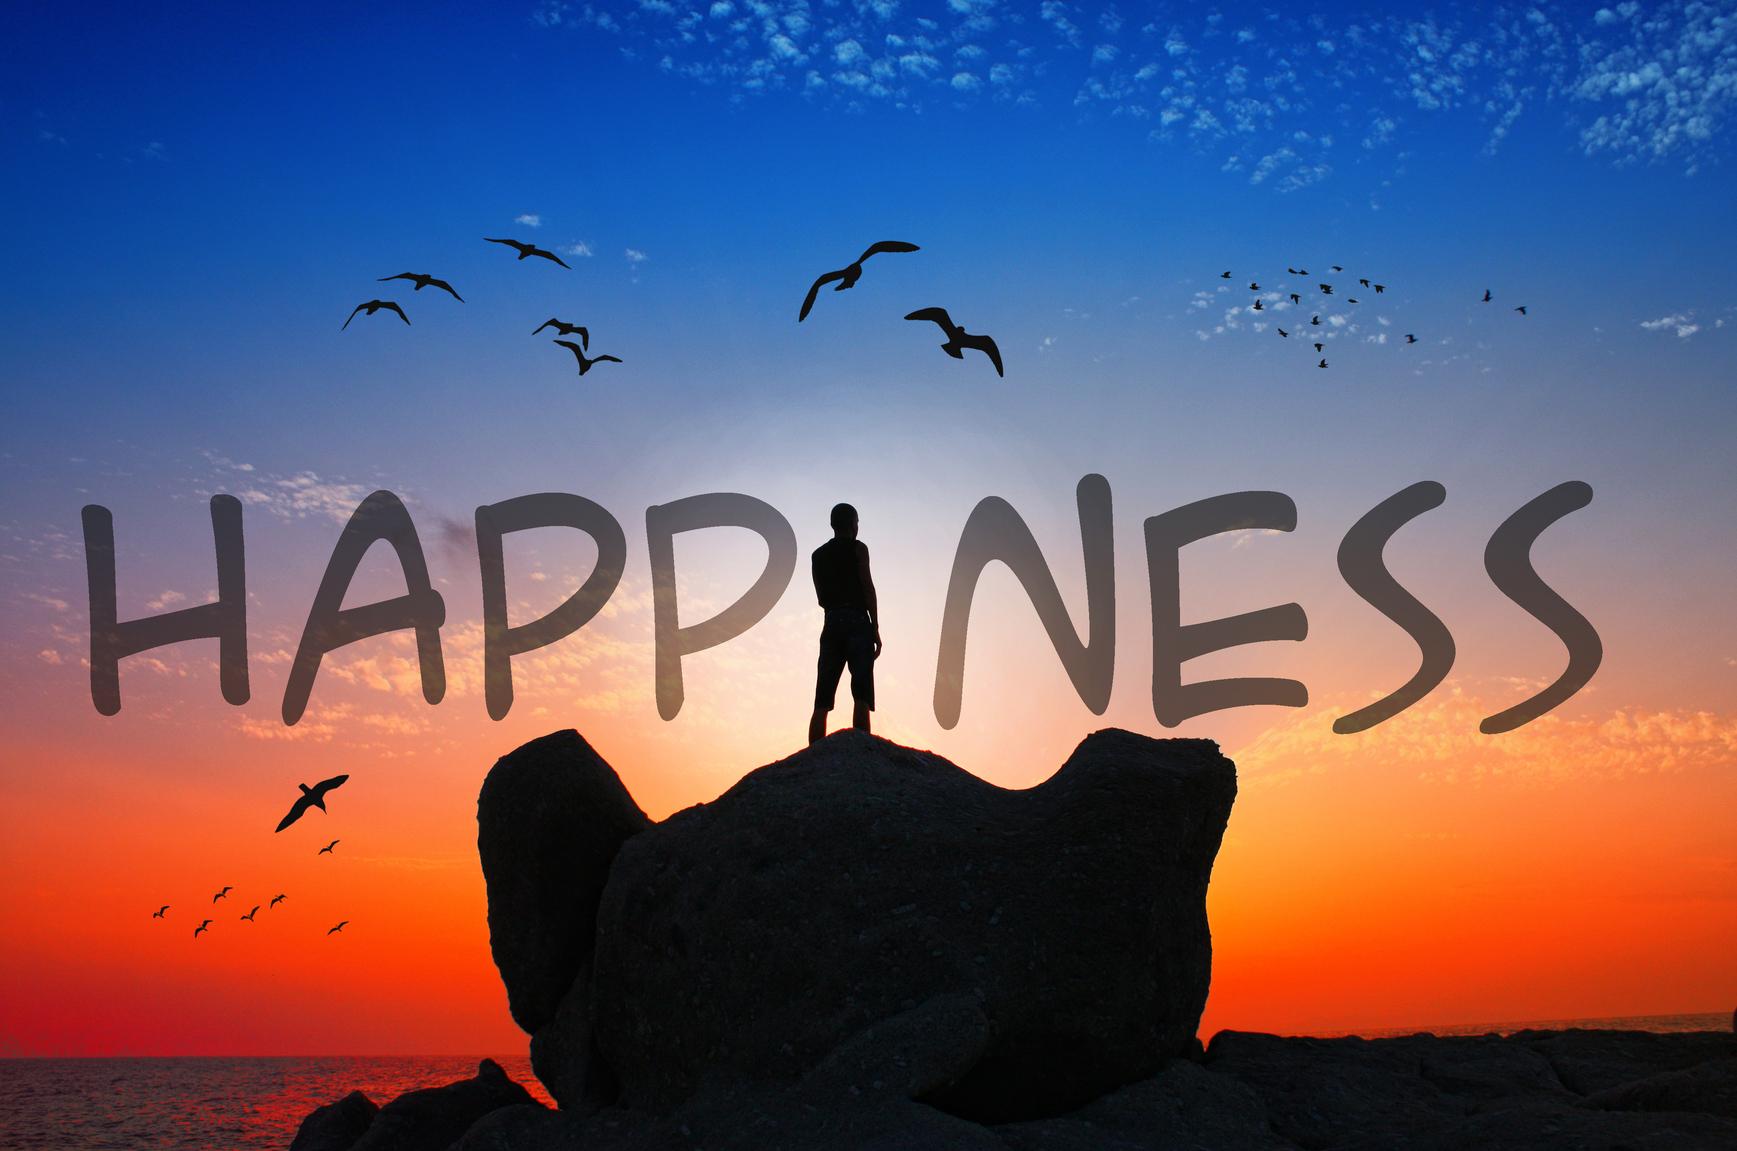 بالصور صور عن السعاده , اجمل الصور المبهجه عن السعاده 2946 6